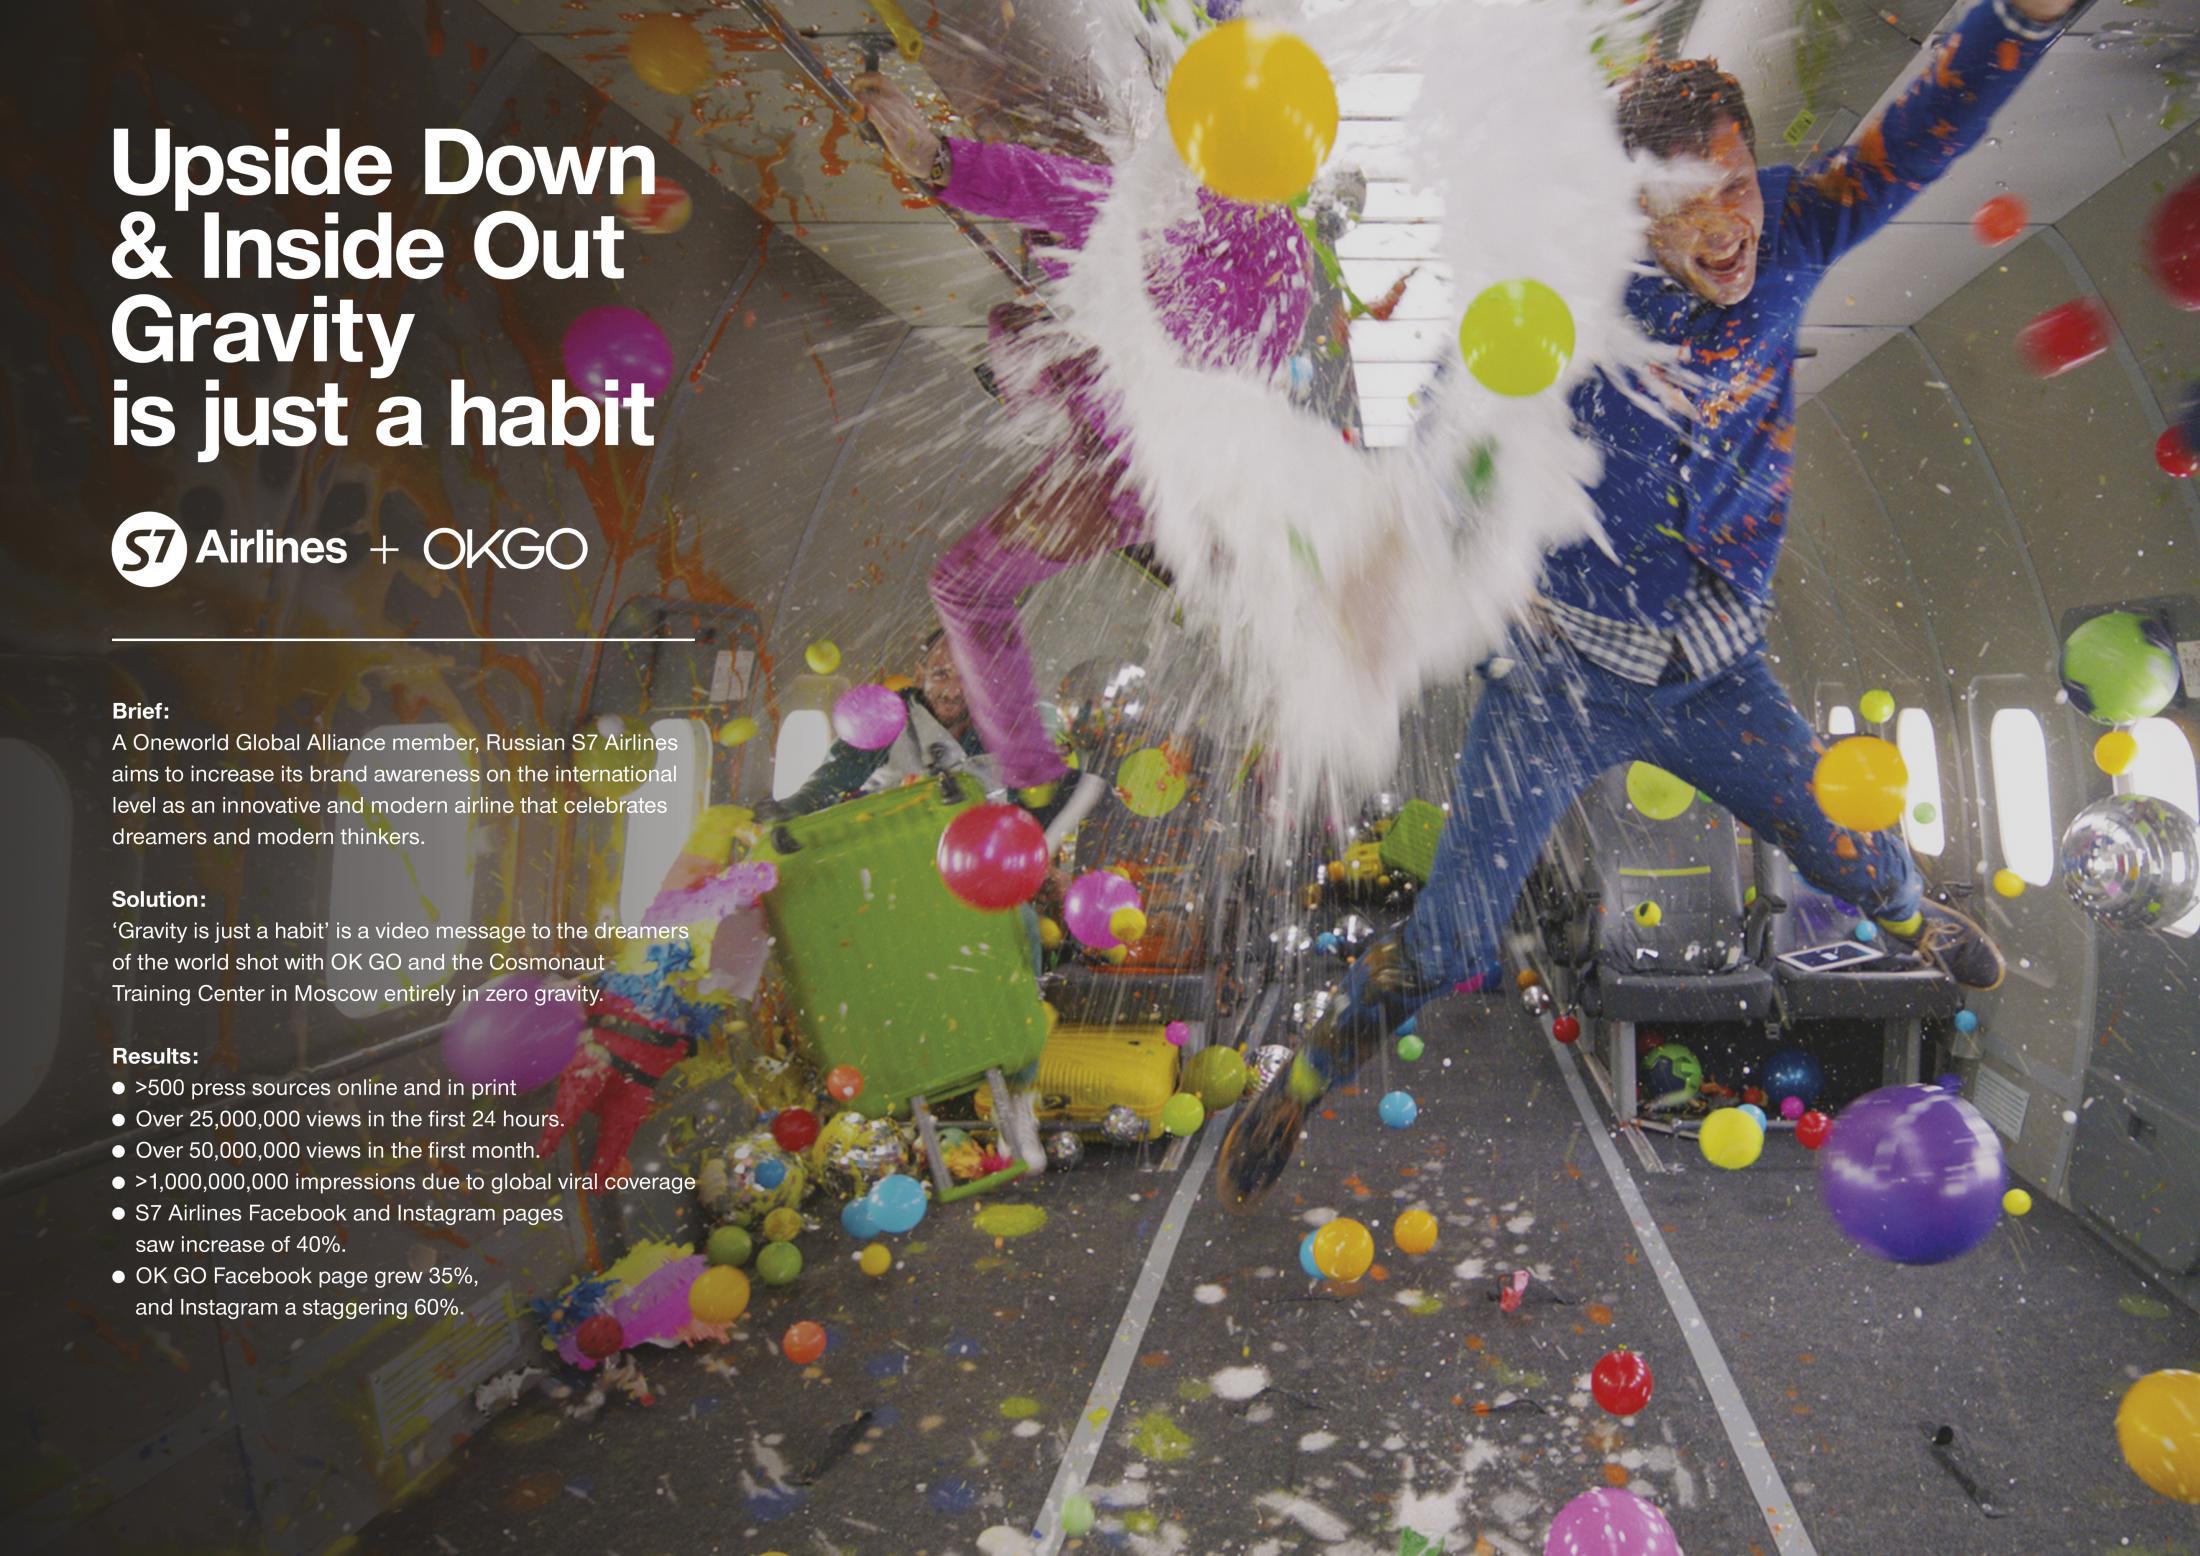 Thumbnail for OK GO — Upside Down & Inside Out #GravitysJustAHabit